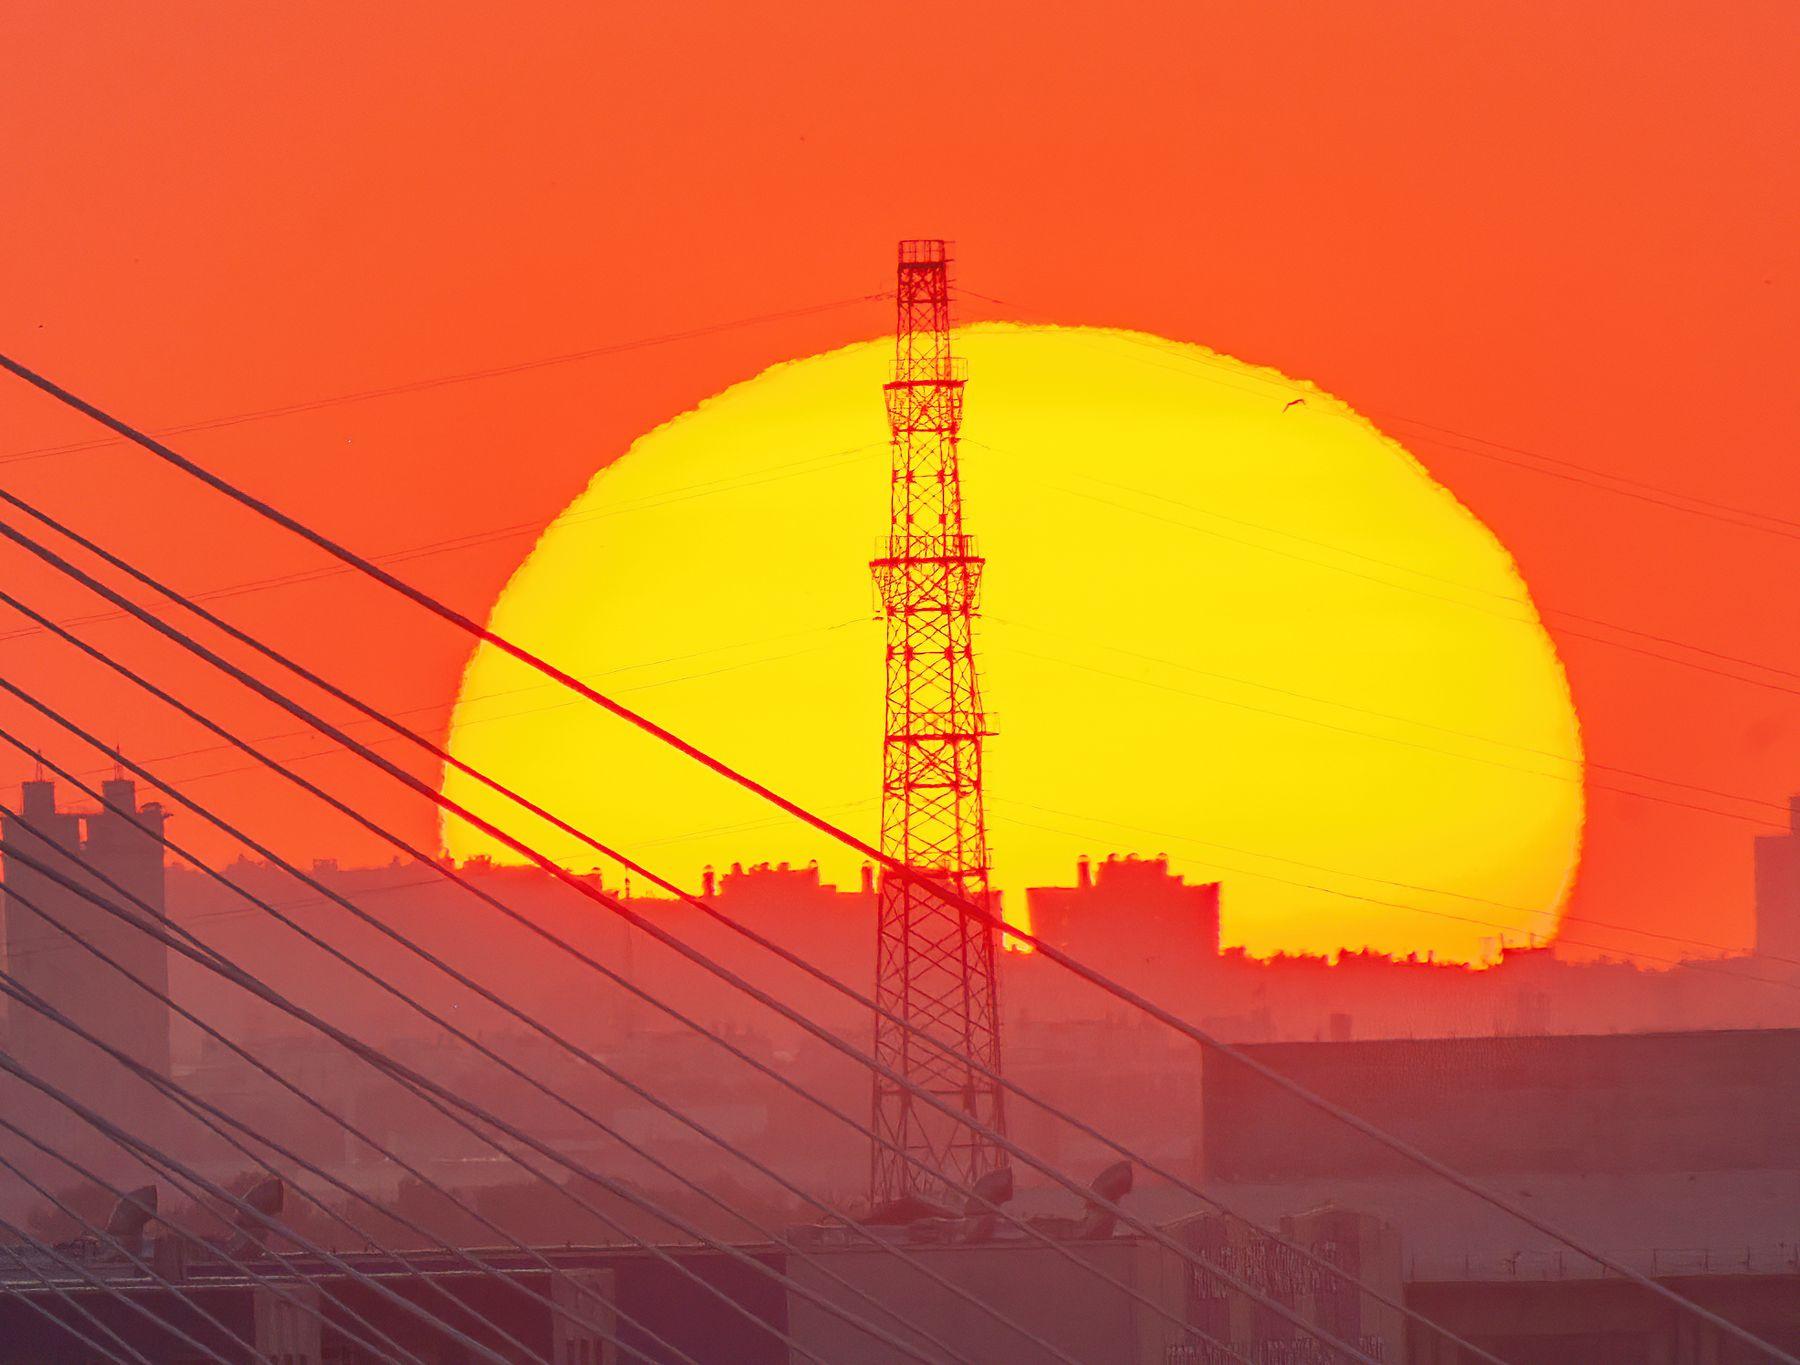 Красное солнце санкт-петербург вантовый мост солнце лето ночь вышка